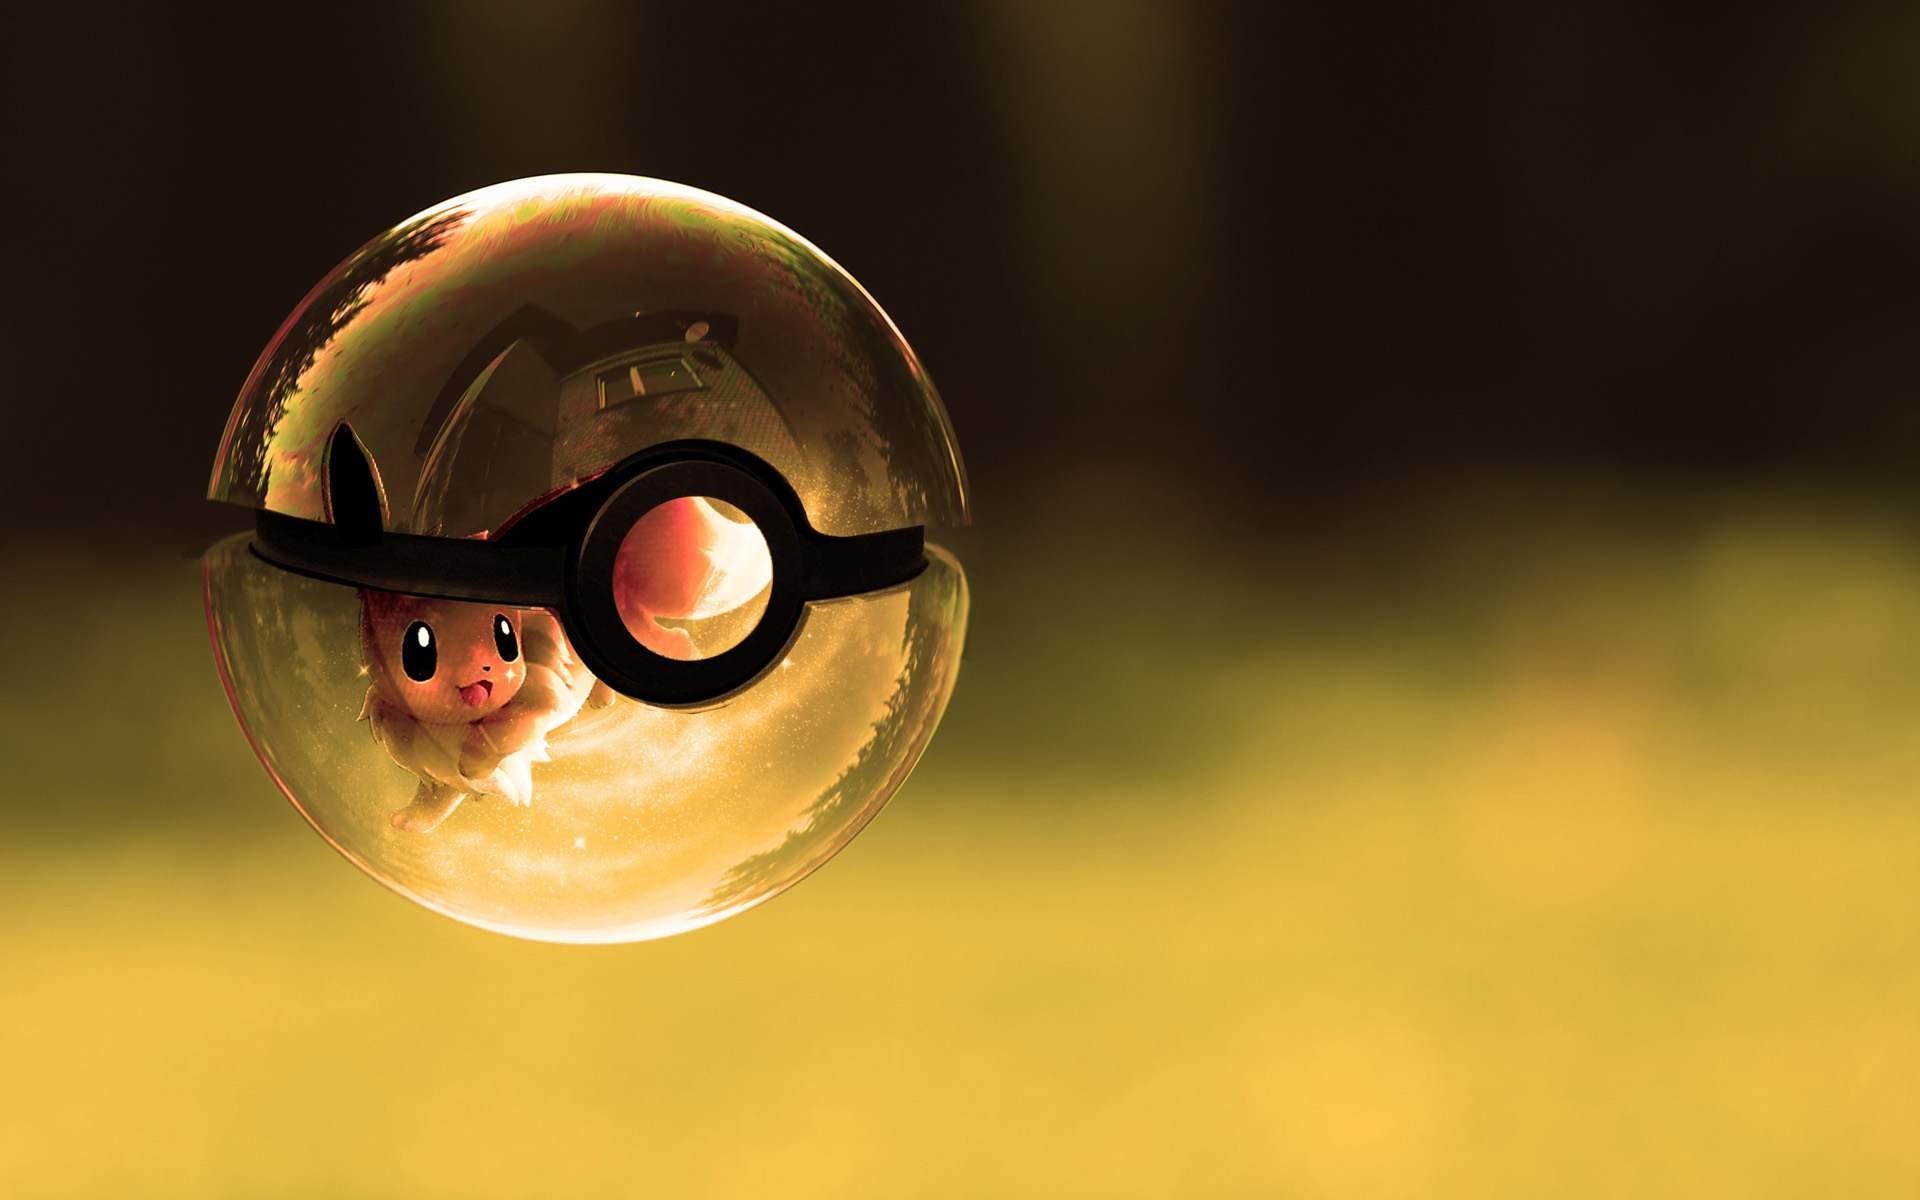 Pokemon Eevee Wallpaper 57781 Wallpaper | wallpicsize.